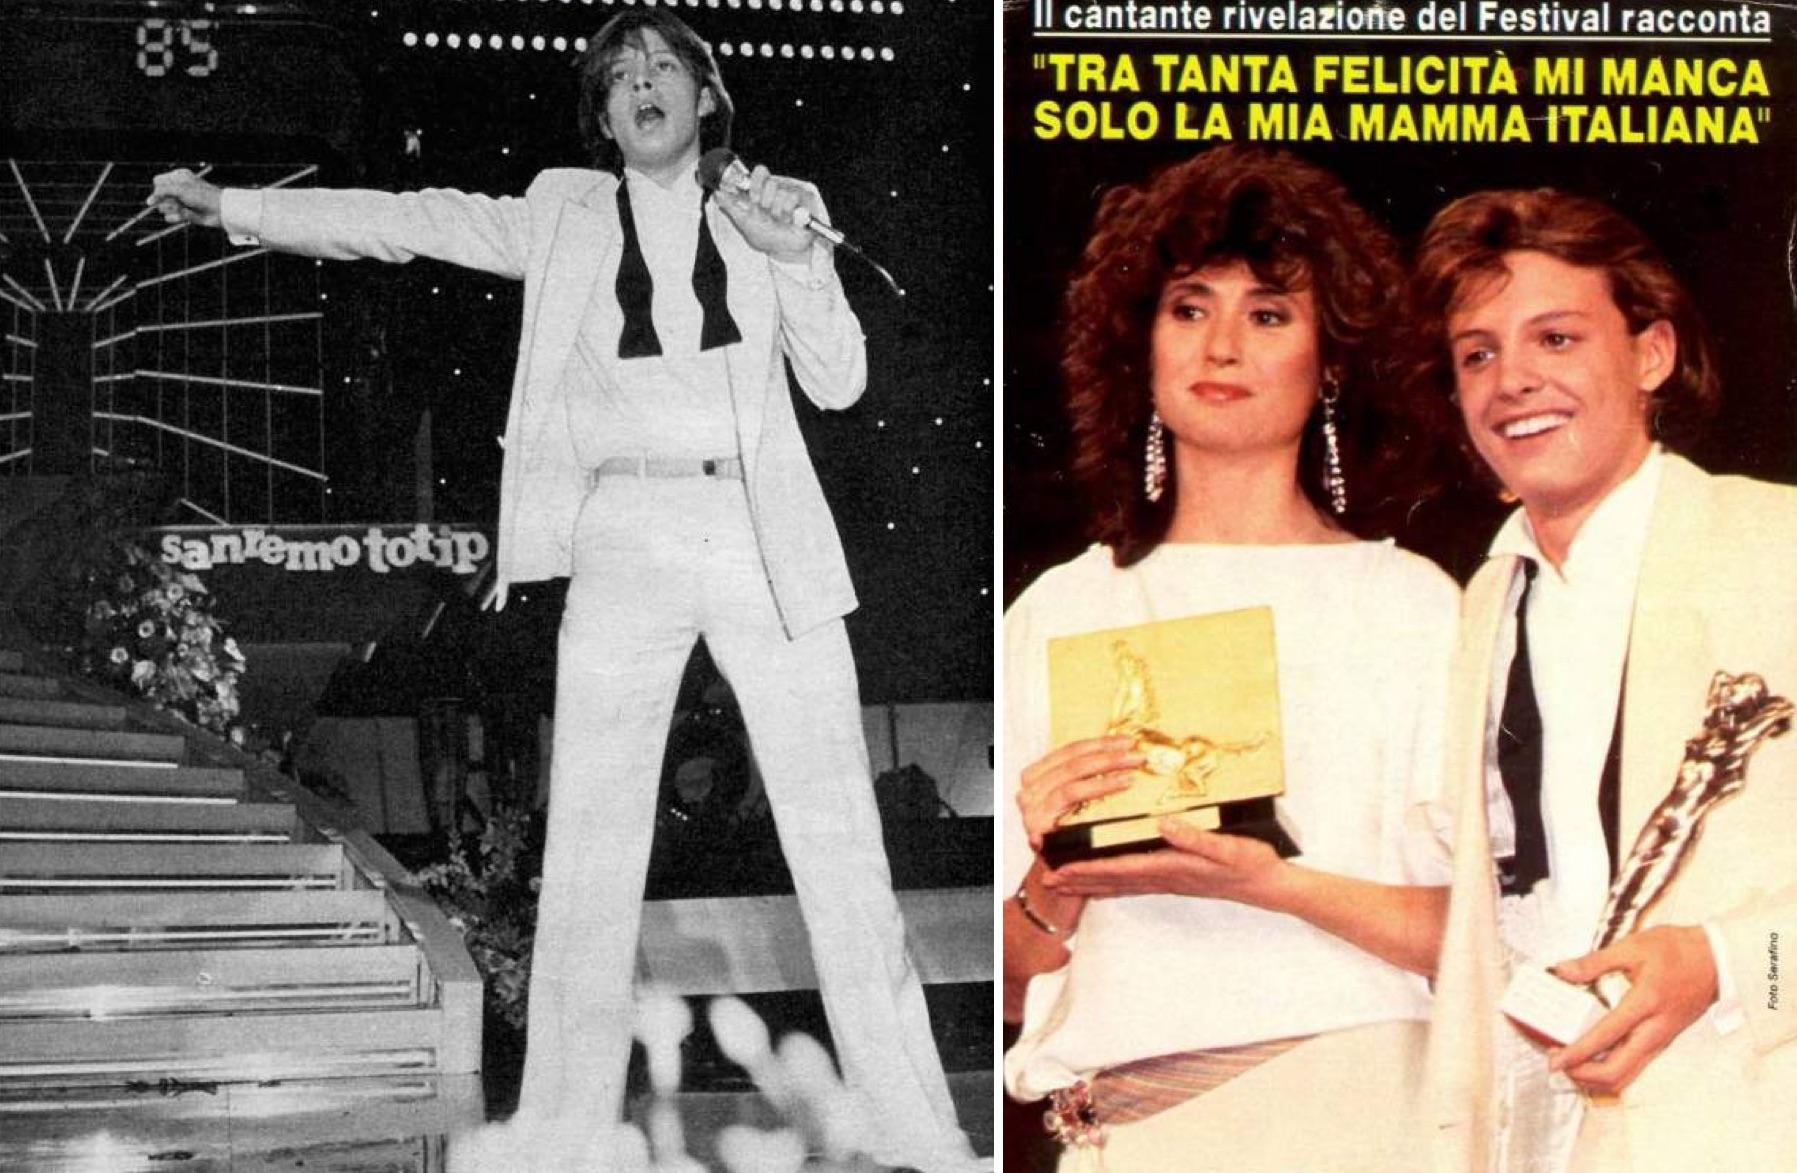 """Izq.: En San Remo 1985. Der.: Luis Miguel al lado de la italiana Gigliola Cinquetti. El titular dice: """"Entre tanta felicidad, solo me falta mi mamá italiana"""". (LuisMiguelSite.com)"""